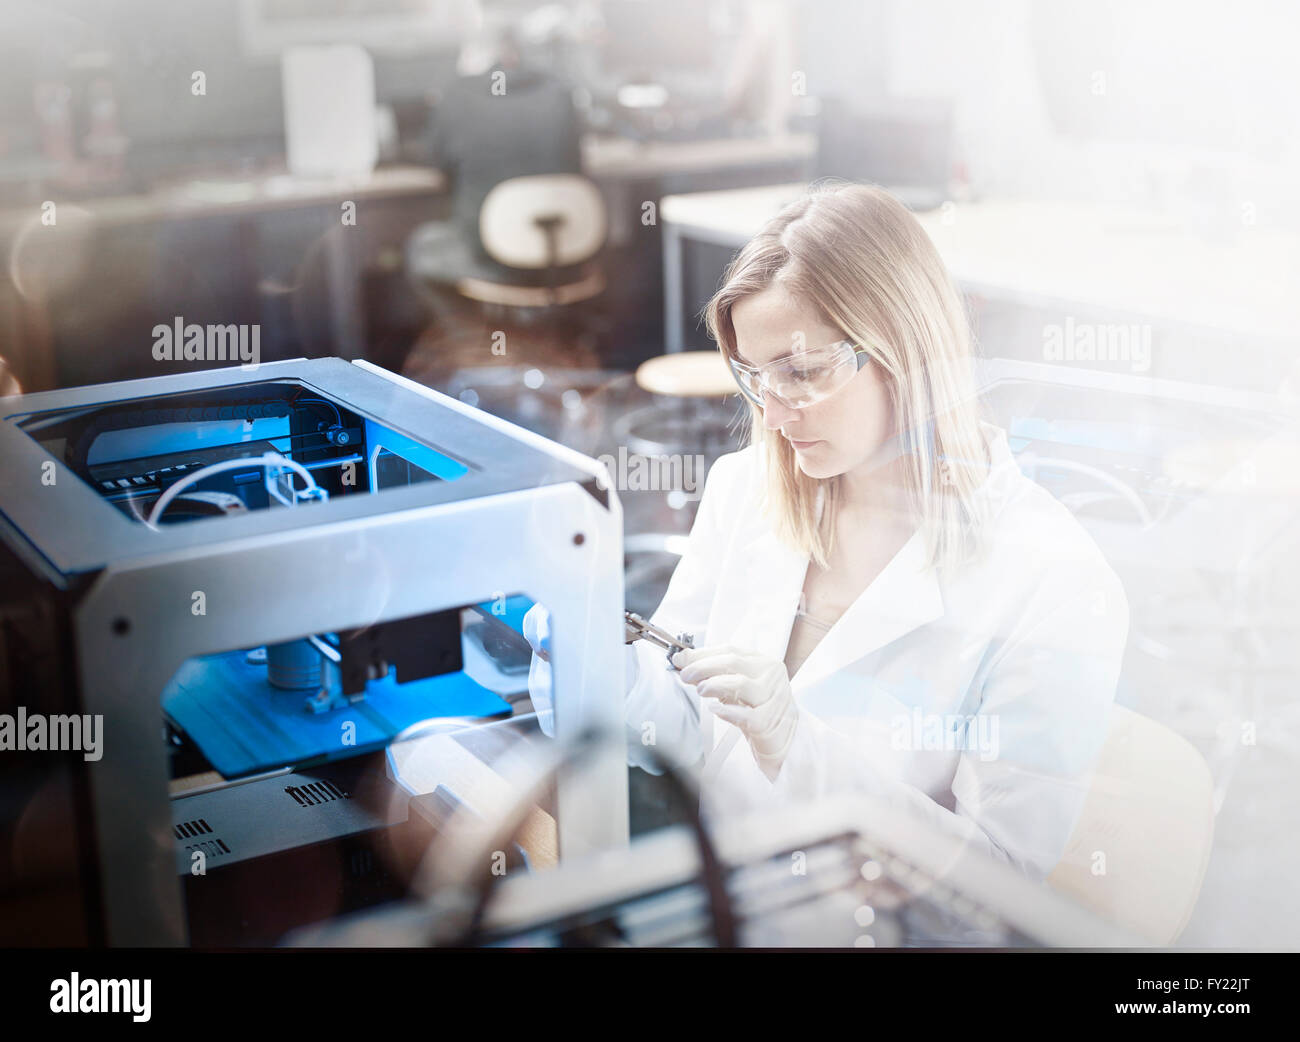 Femme 25 à 30 ans, technicien, en sarrau blanc et des lunettes de protection, contrôle d'impression Photo Stock